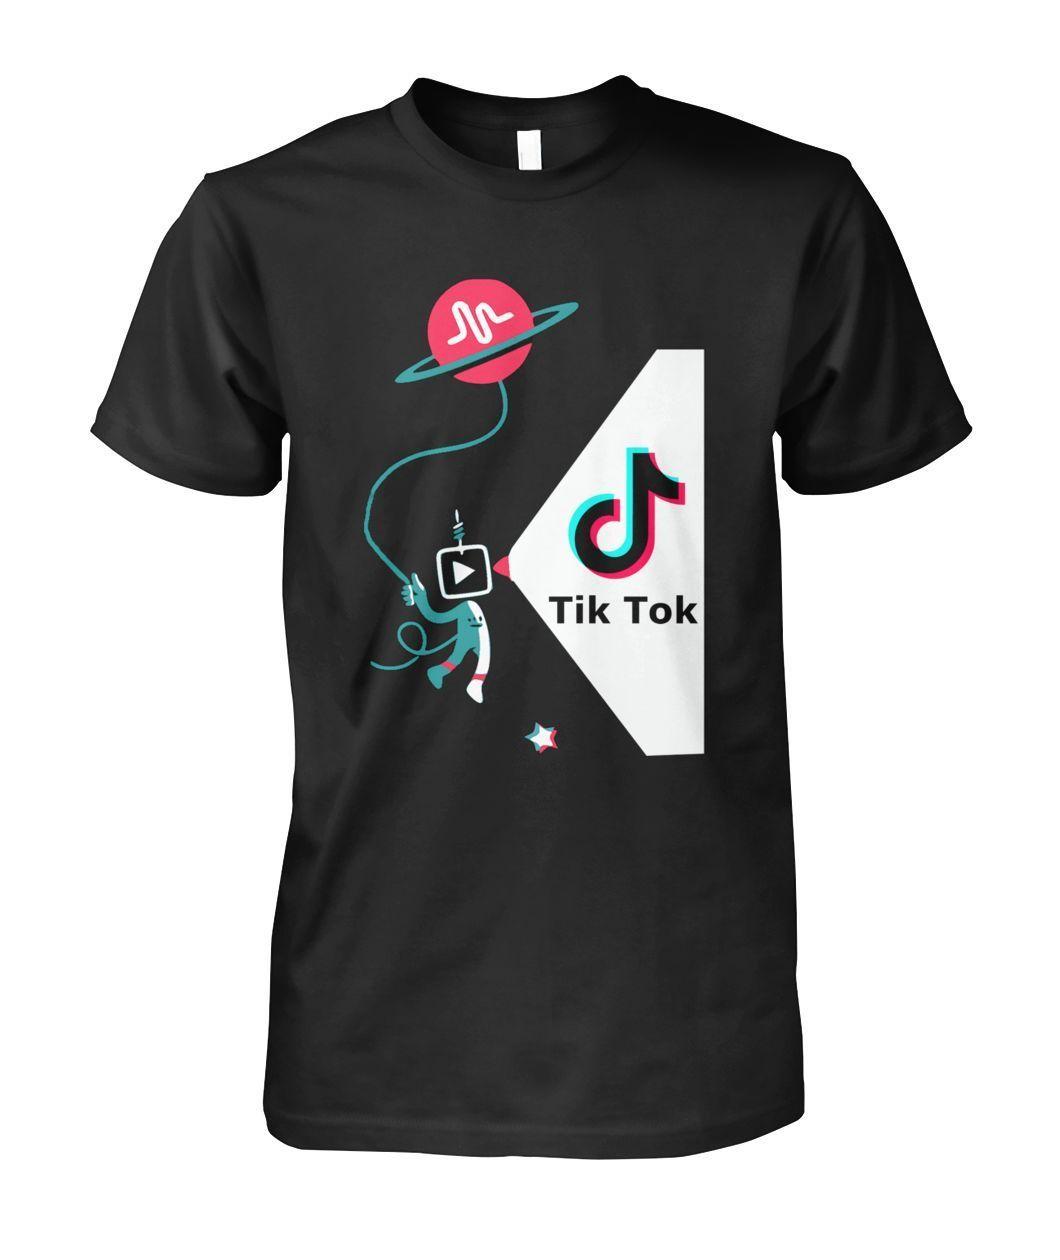 Tik Tok Musically Men Funny T Shirt.1045 in 2020 T